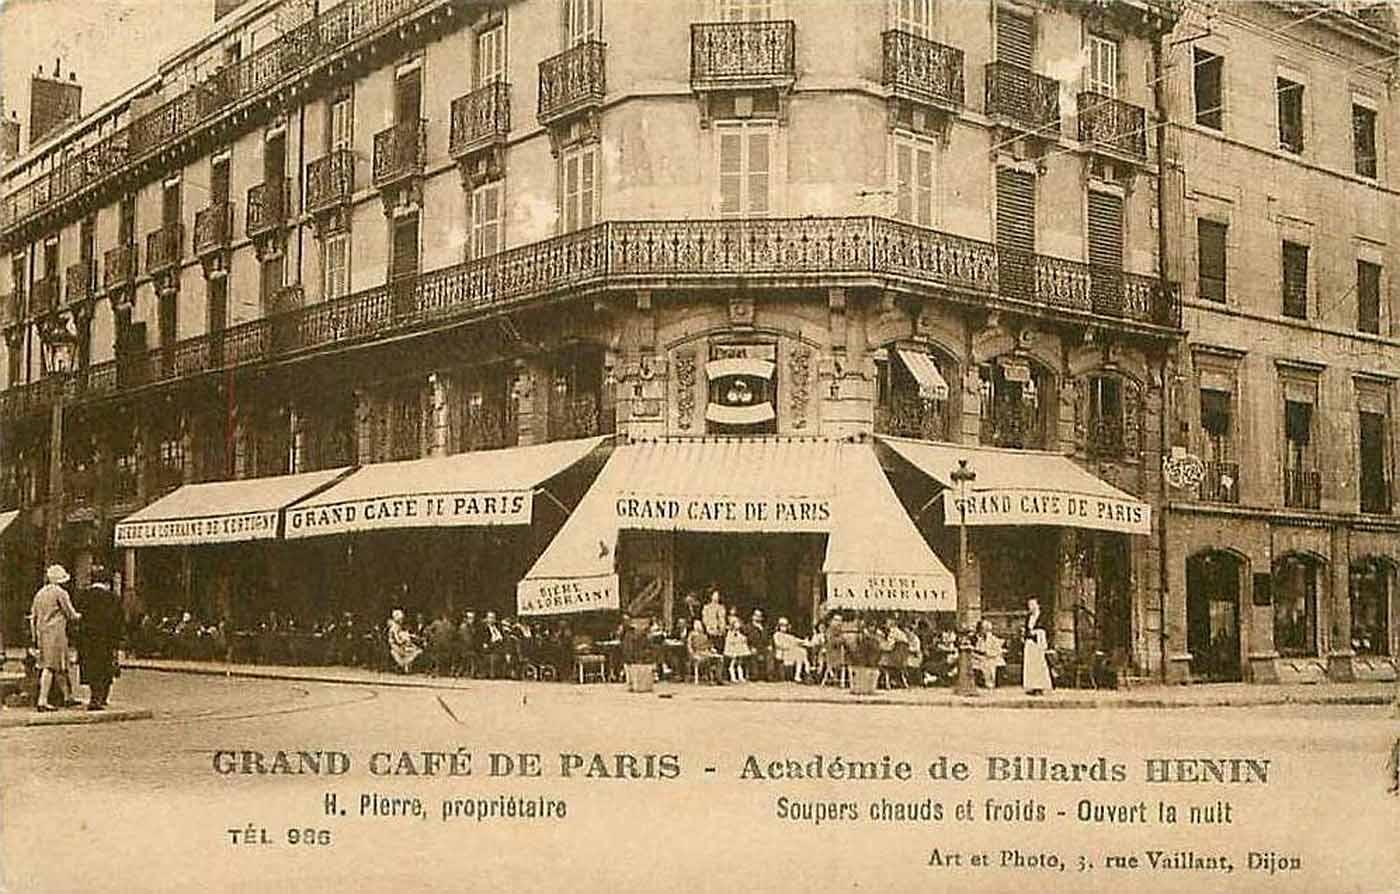 บรรยากาศร้านกาแฟ Grand Café ที่โรงแรมสคริบ - Hotel Scribe (Photo credit: www.pariscinemaregion.fr)